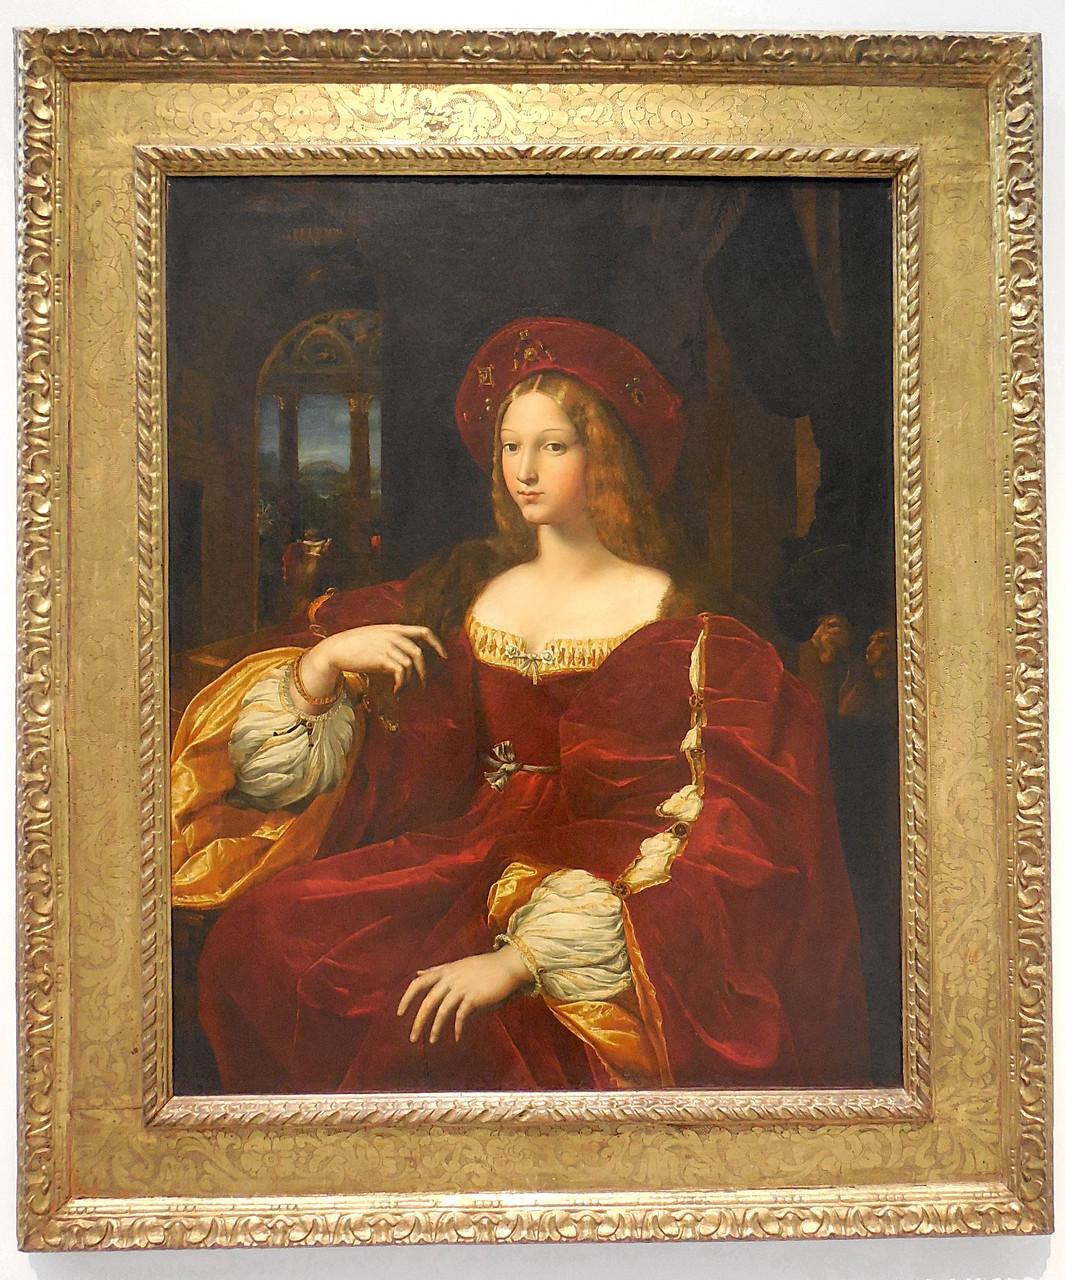 1518, Raphaël, Portrait de Dona Isabel de Requesens, vice-reine de Naples